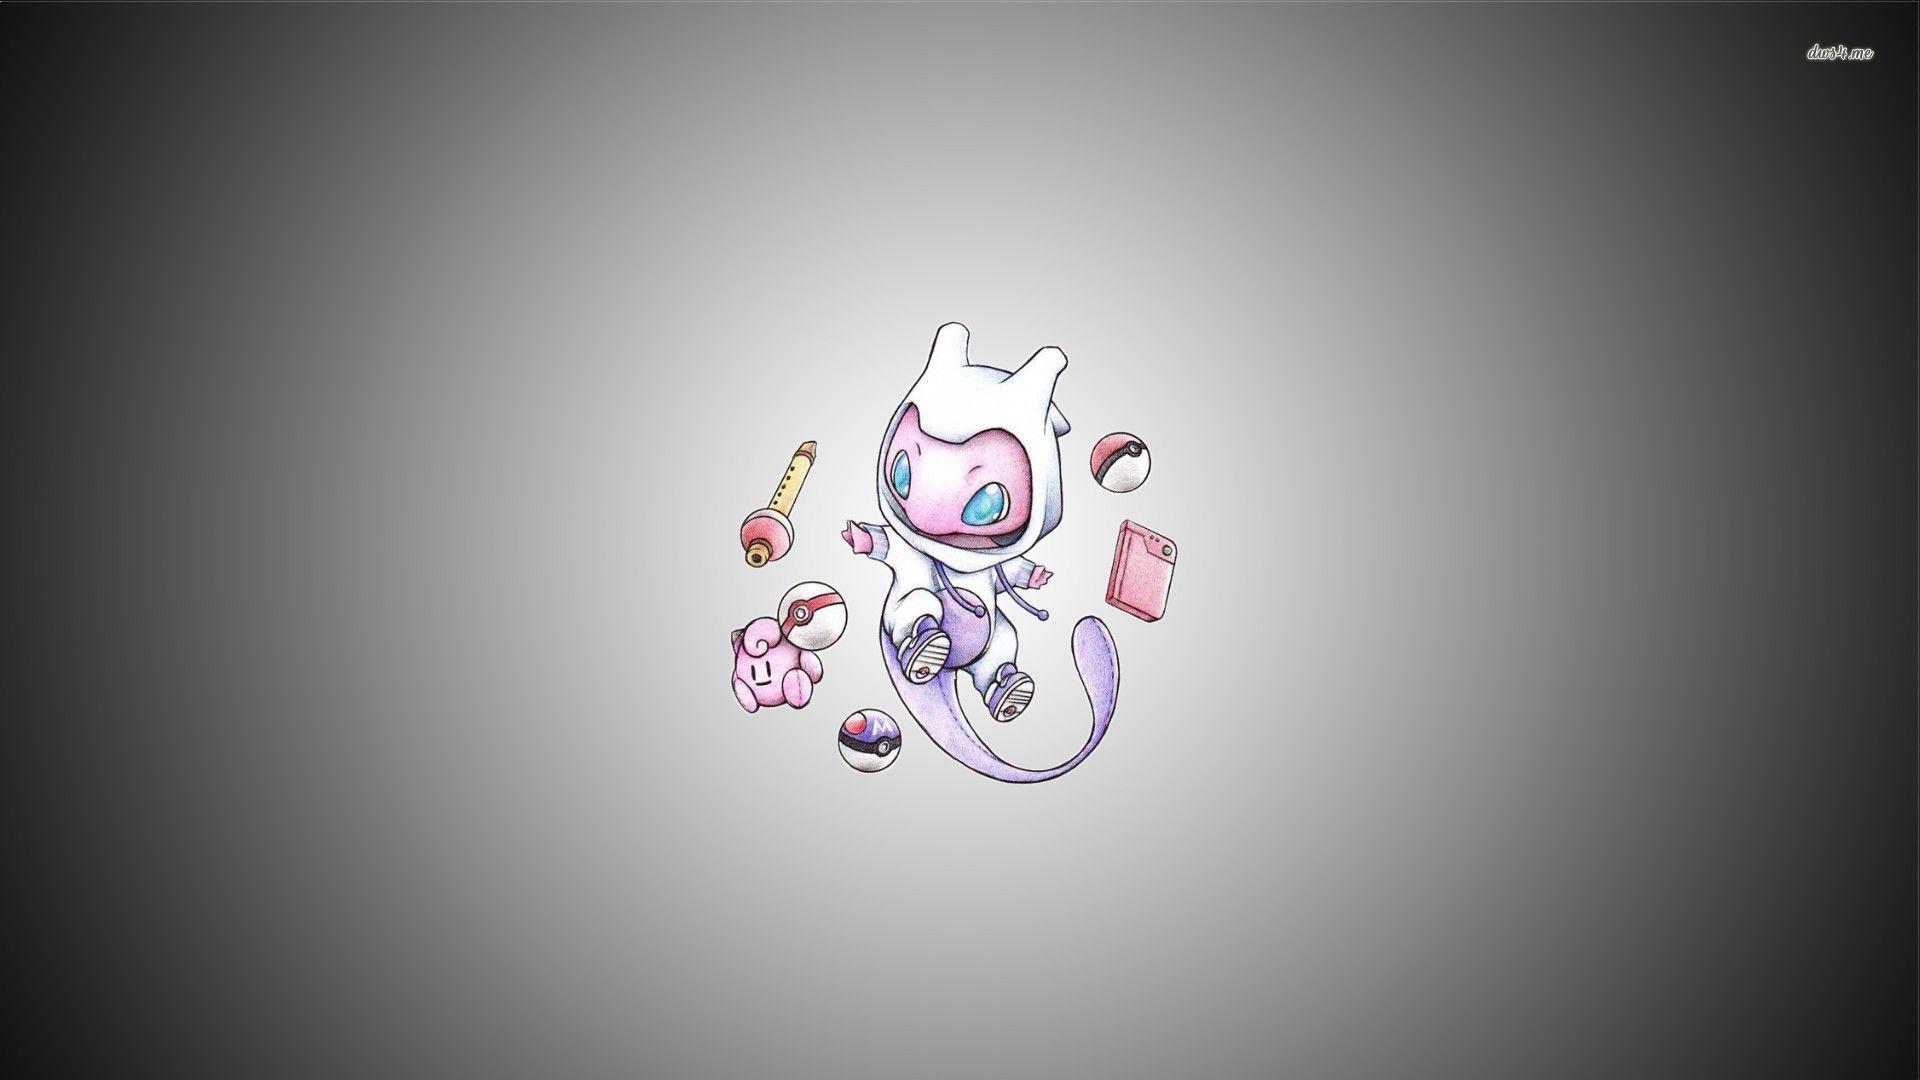 Mew   Pokemon wallpaper 1280x800 Mew   Pokemon wallpaper 1366x768 Mew 1920x1080